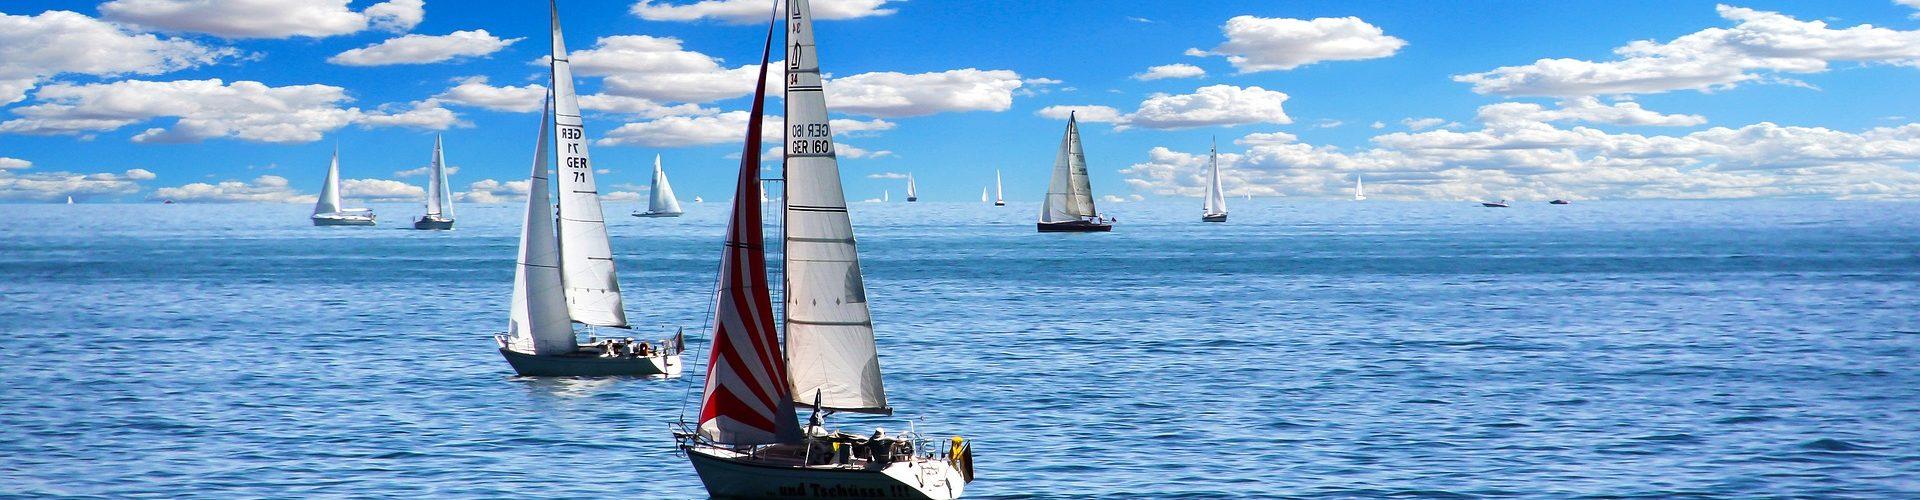 segeln lernen in Stade segelschein machen in Stade 1920x500 - Segeln lernen in Stade